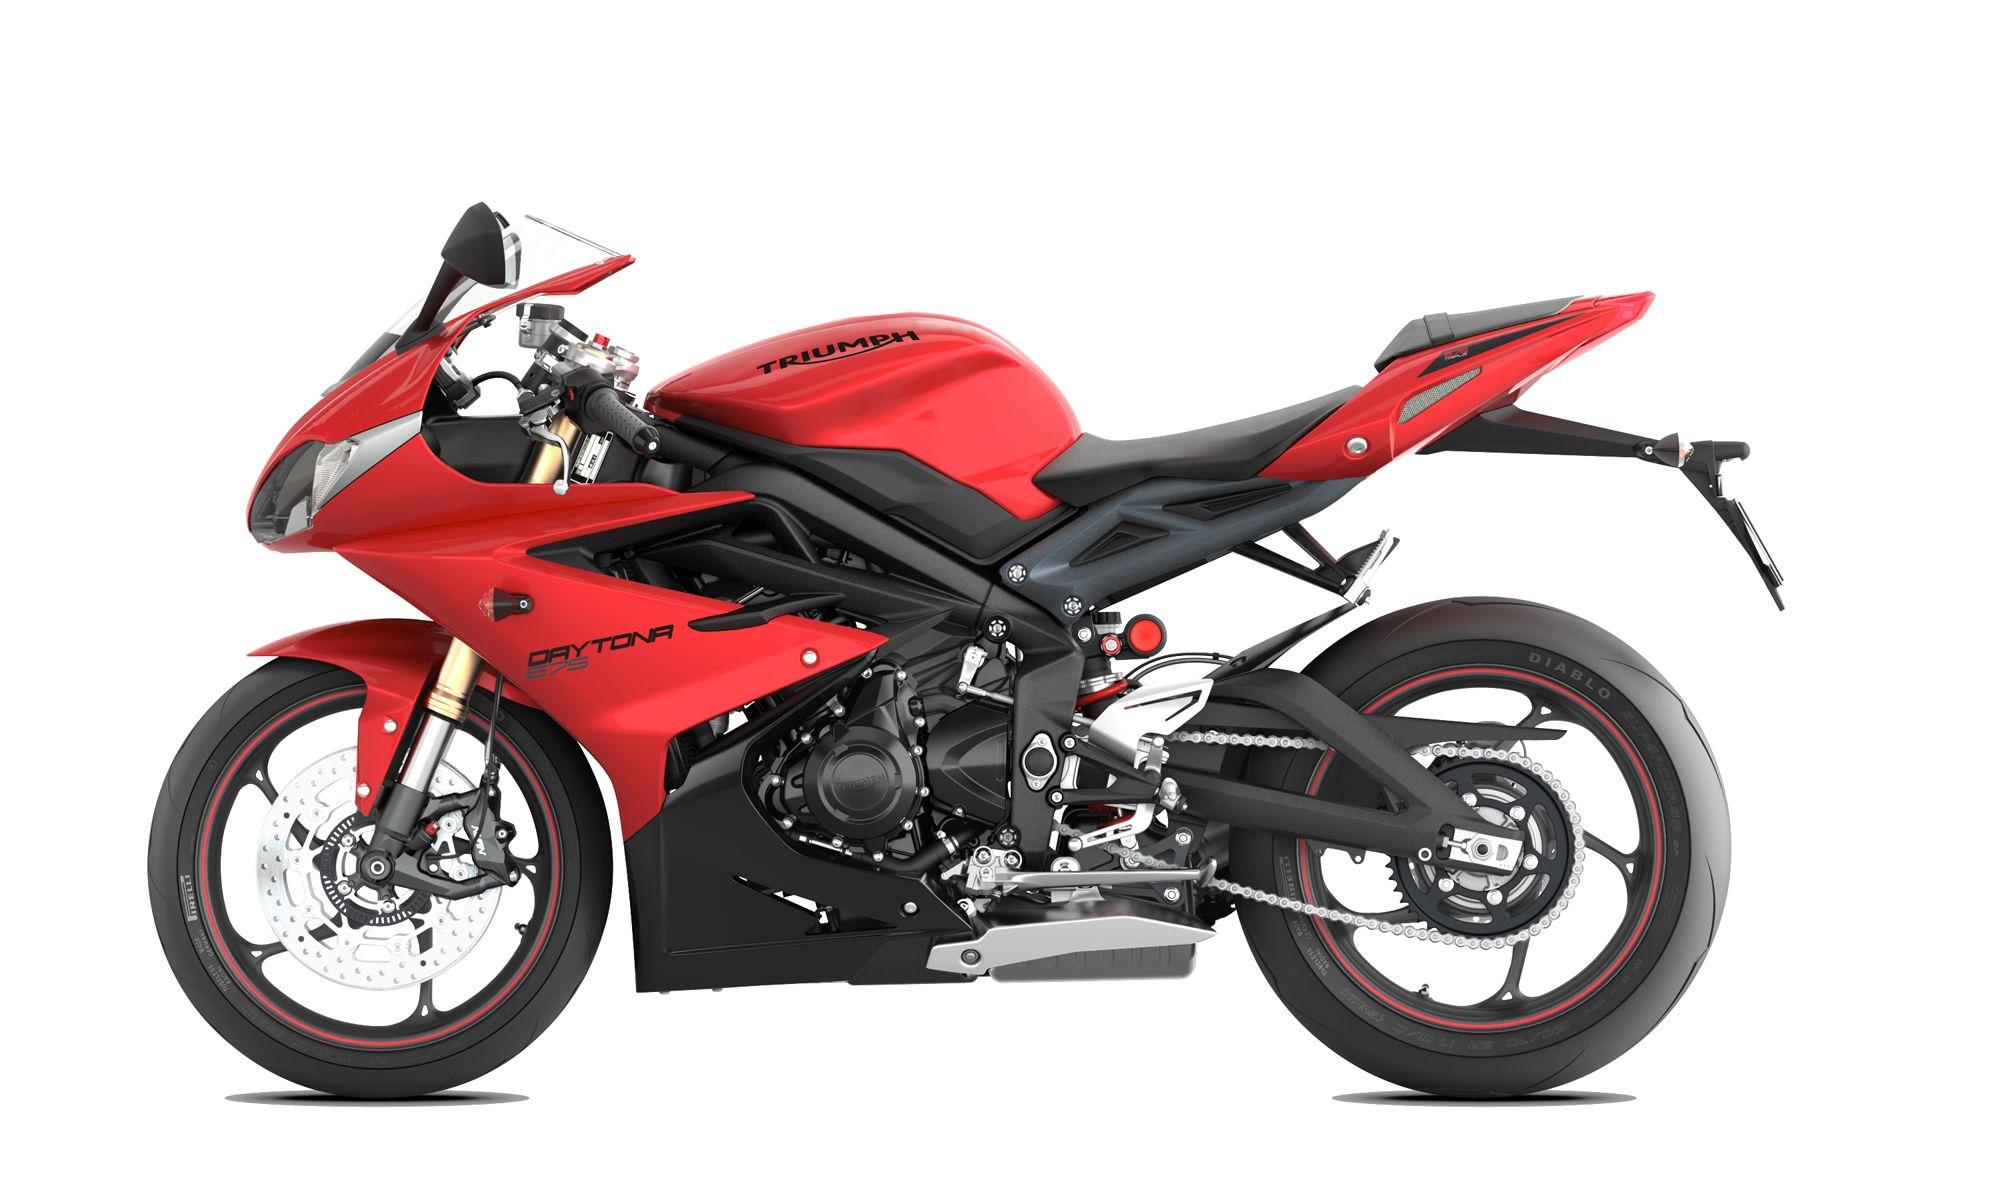 Gebrauchte Und Neue Triumph Daytona 675 Motorräder Kaufen